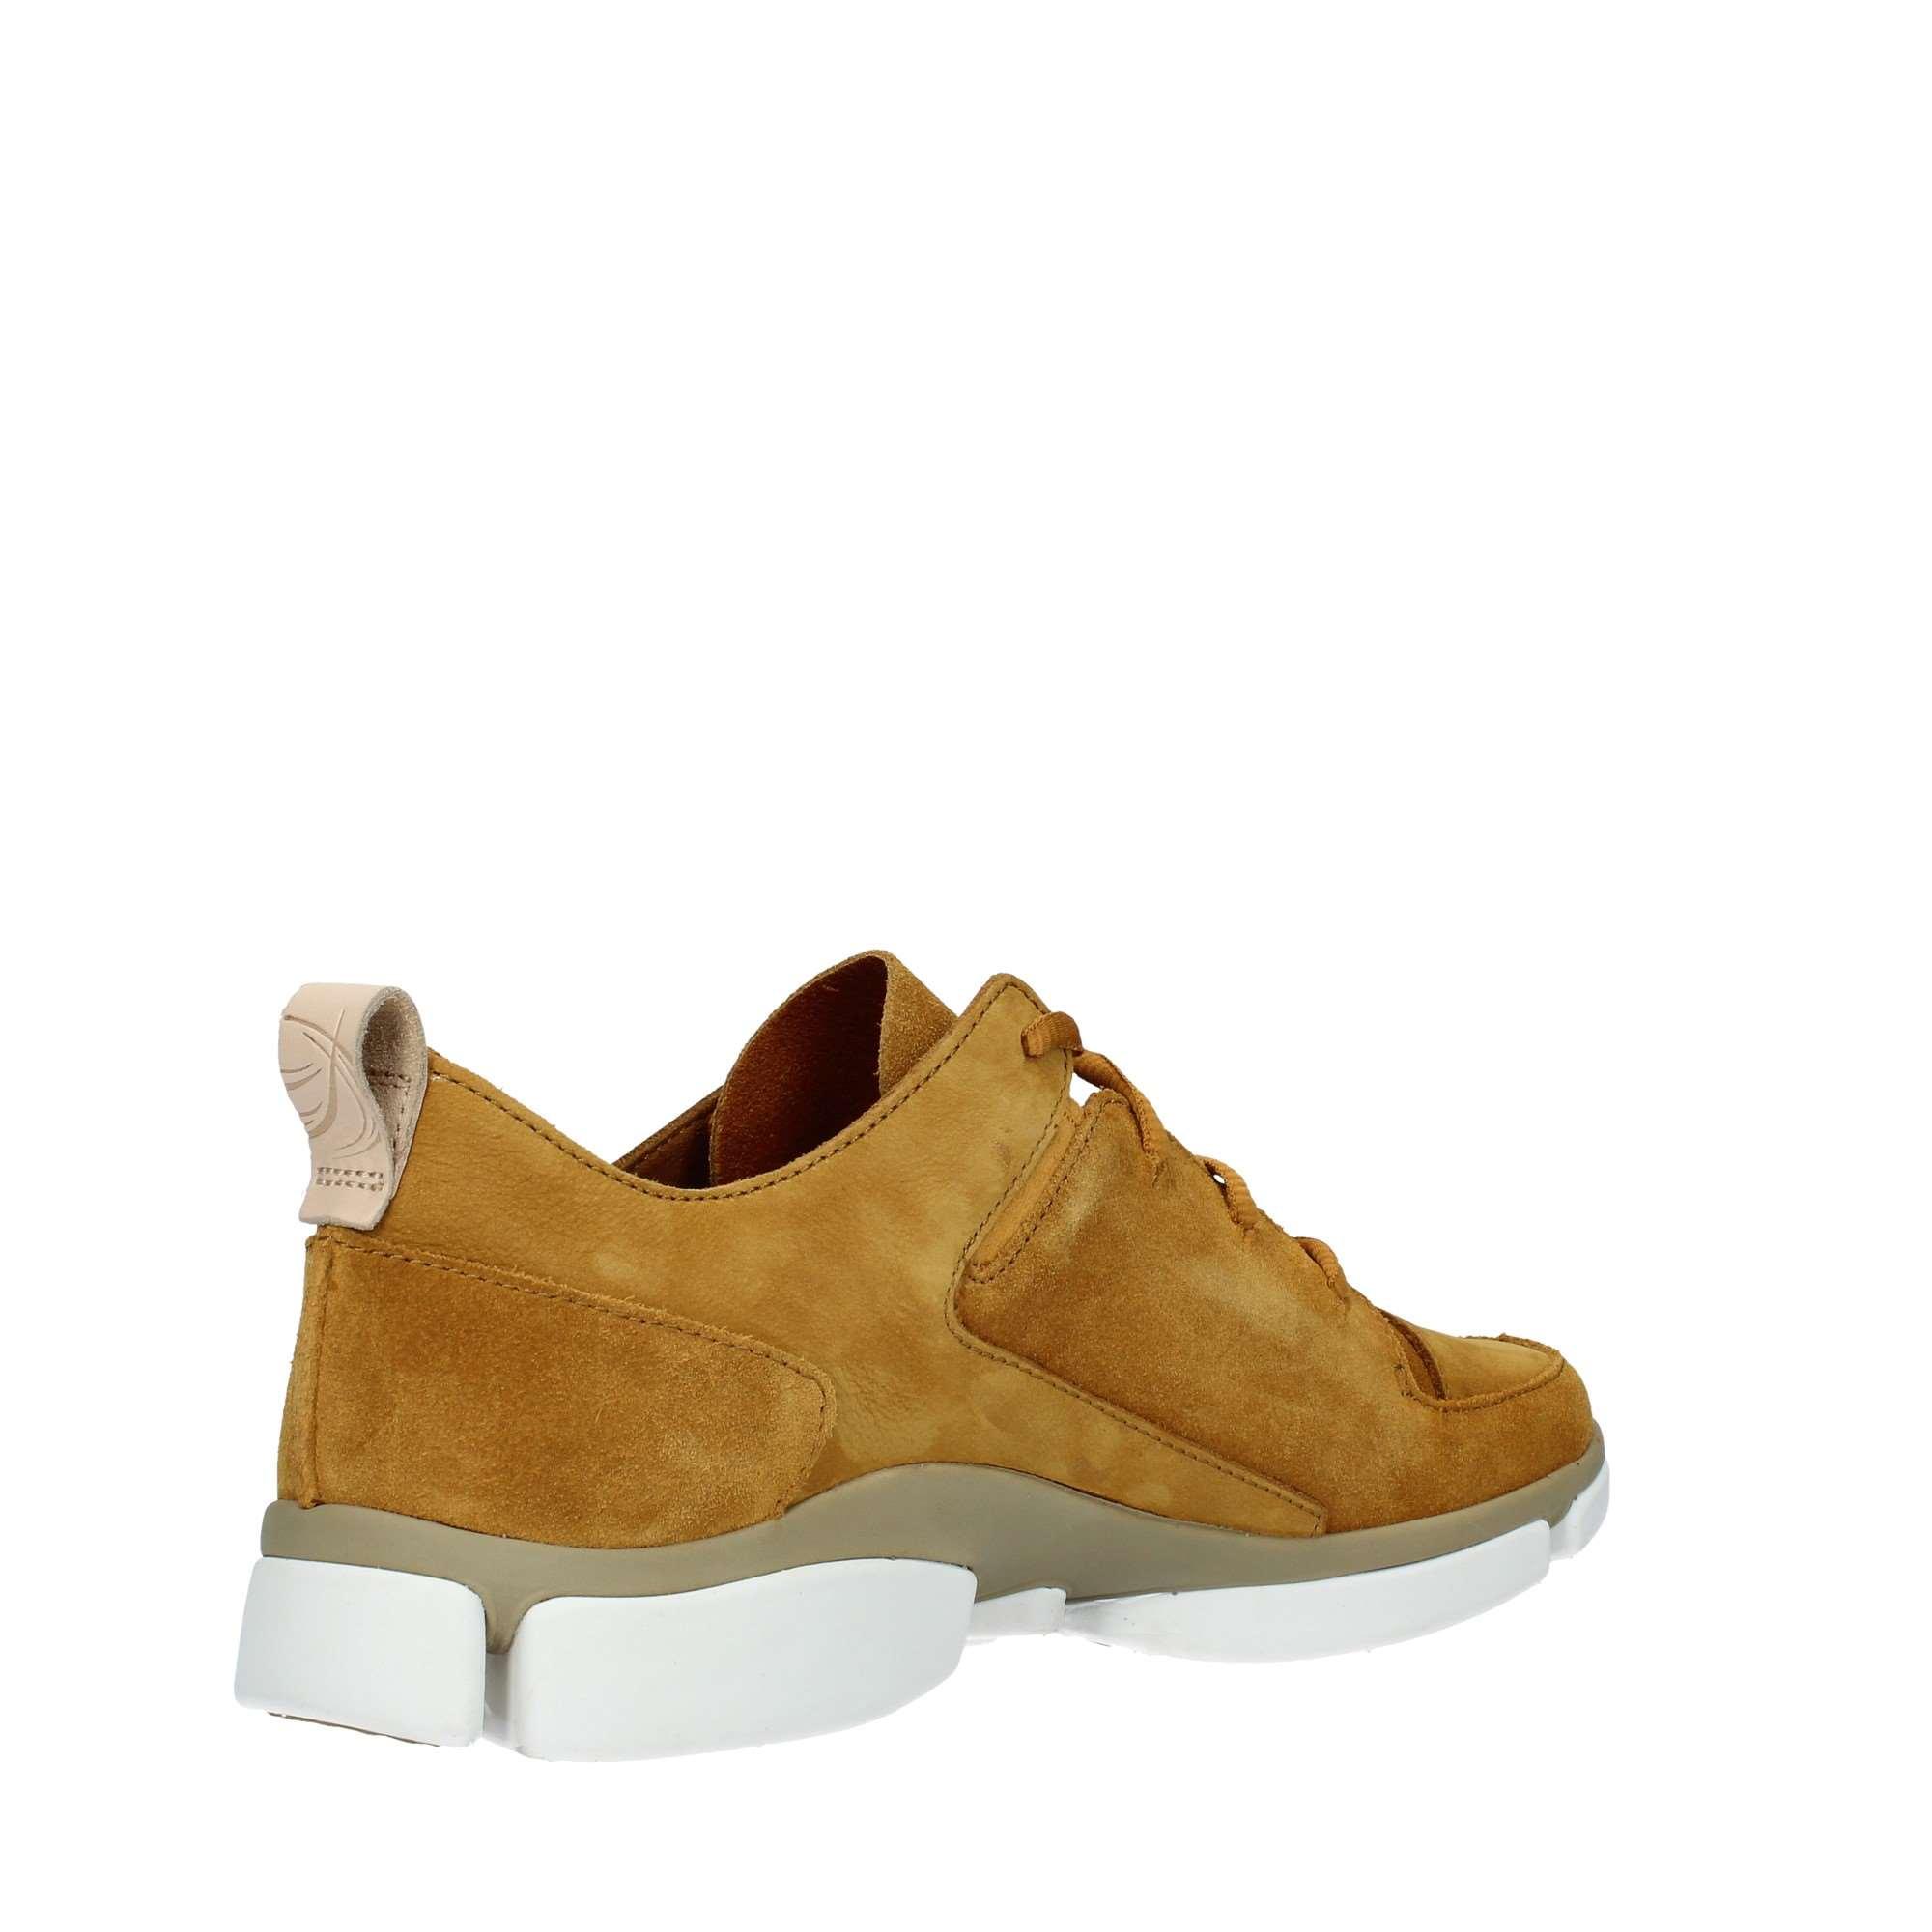 Dettagli su Clarks Uomo TRI VERVE LACE OCRA Sneakers PrimaveraEstate